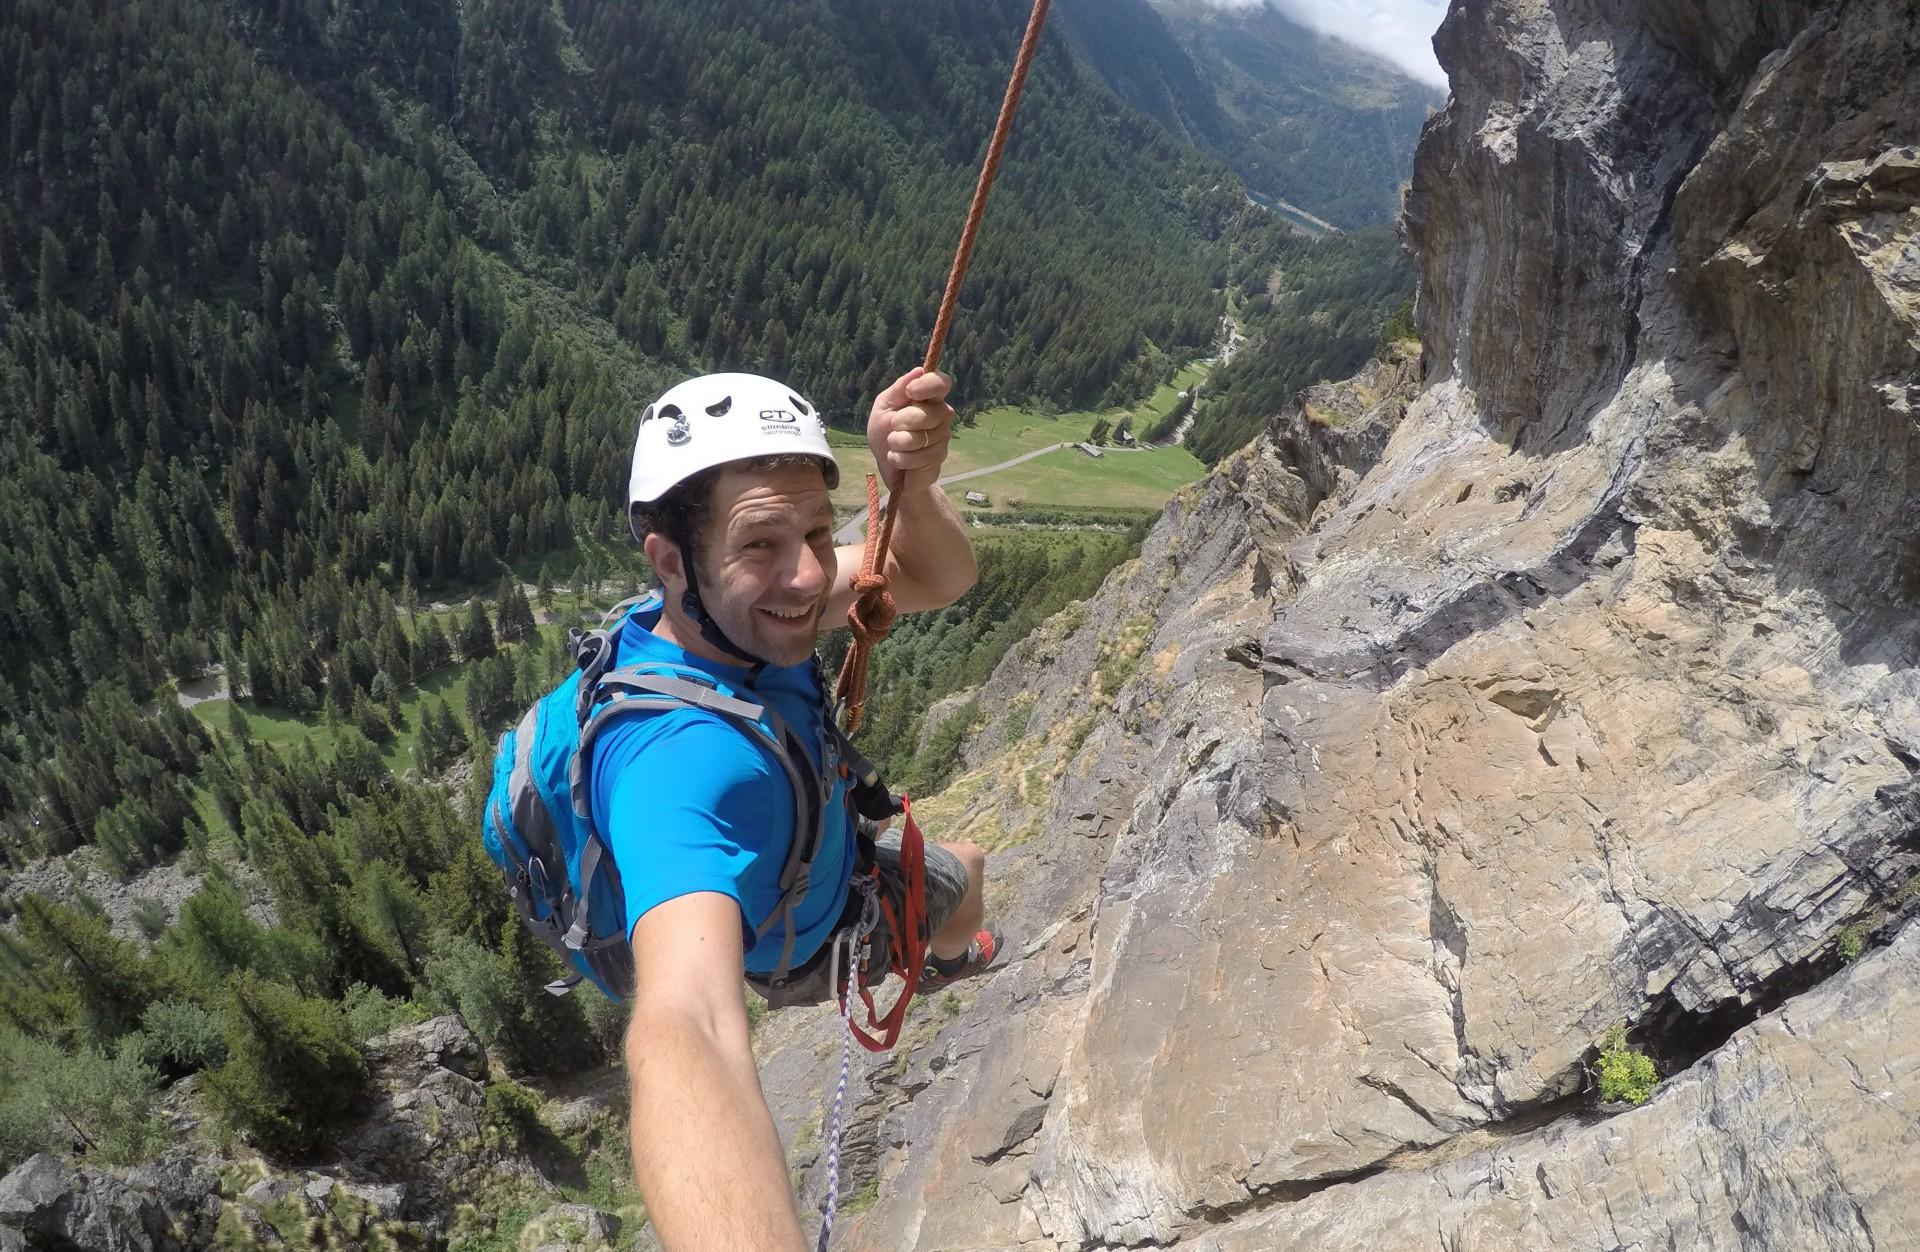 Arrampicata in Val di Sole - Trentino Alto Adige